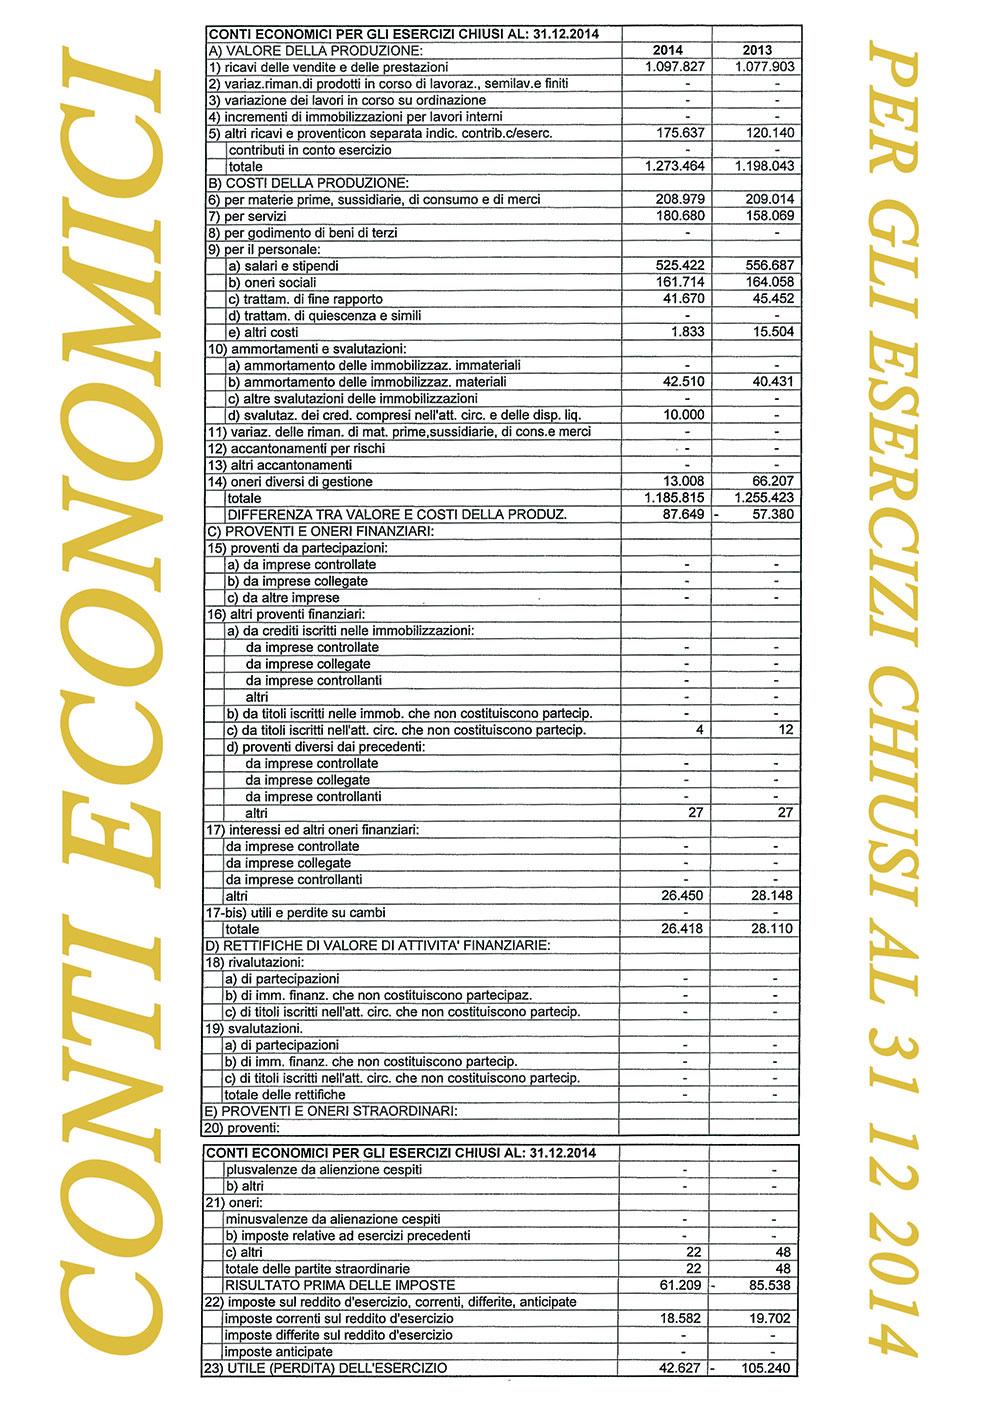 bilanciob